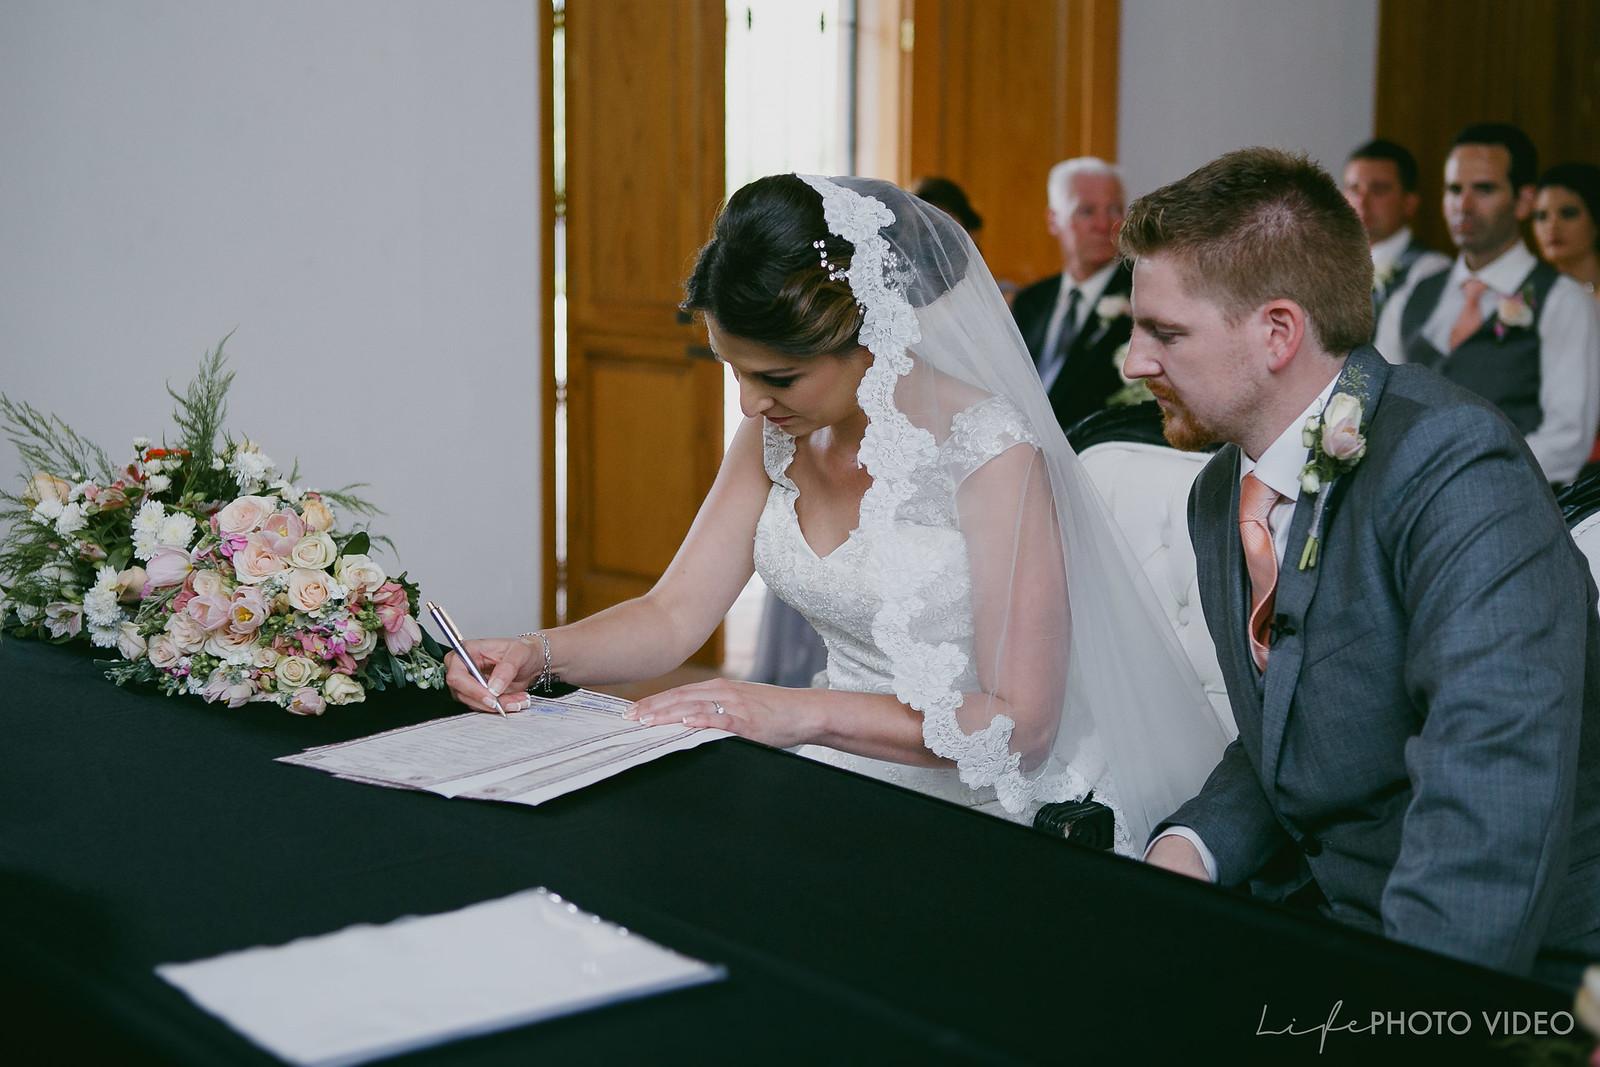 LifePhotoVideo_Boda_LeonGto_Wedding_0042.jpg